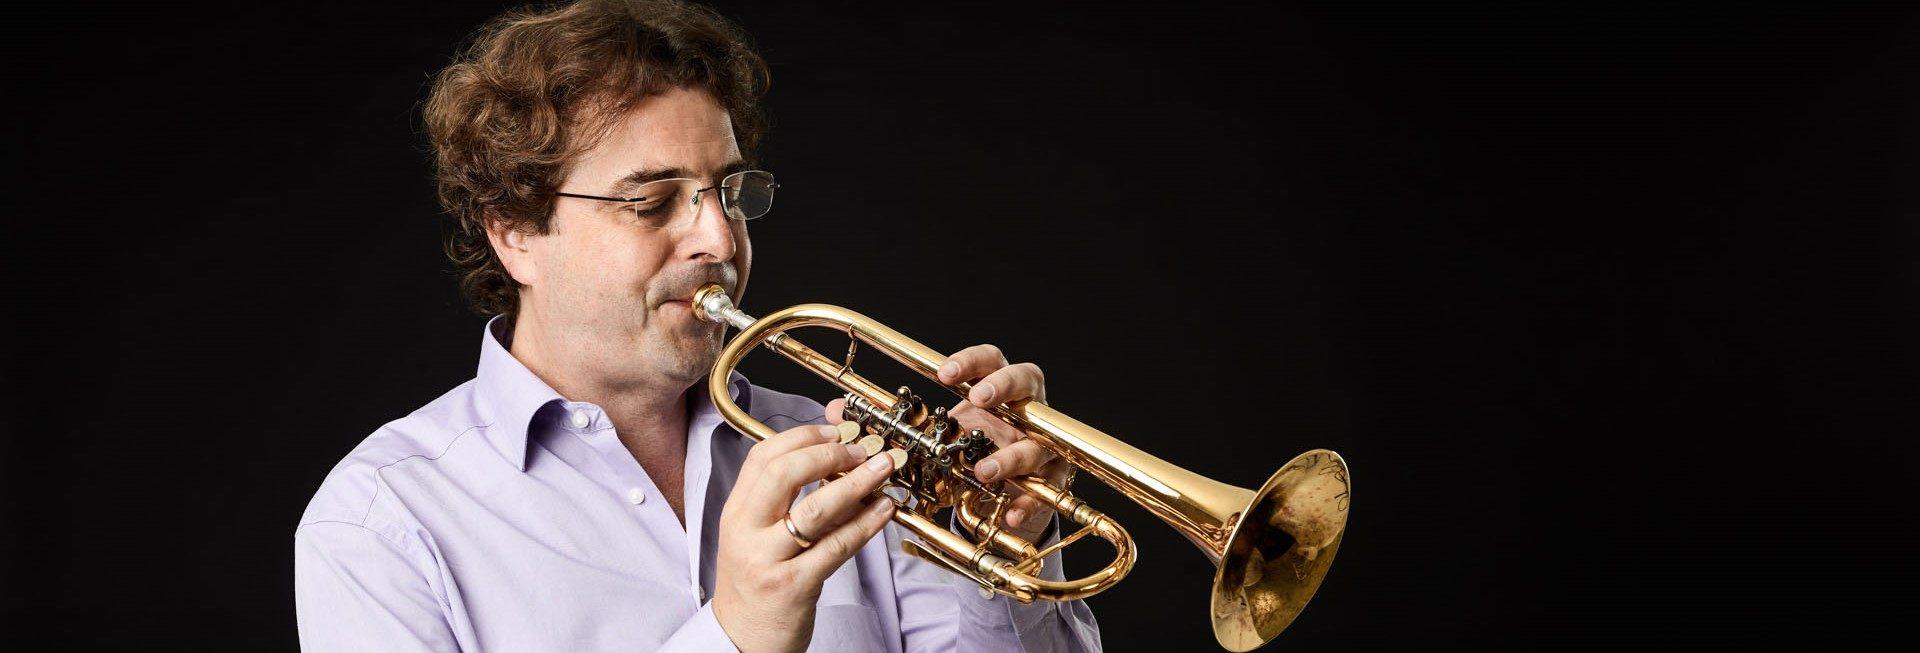 Musikschule geht wieder in den Präsenzunterricht über | Online-Unterricht wird weiterhin angeboten